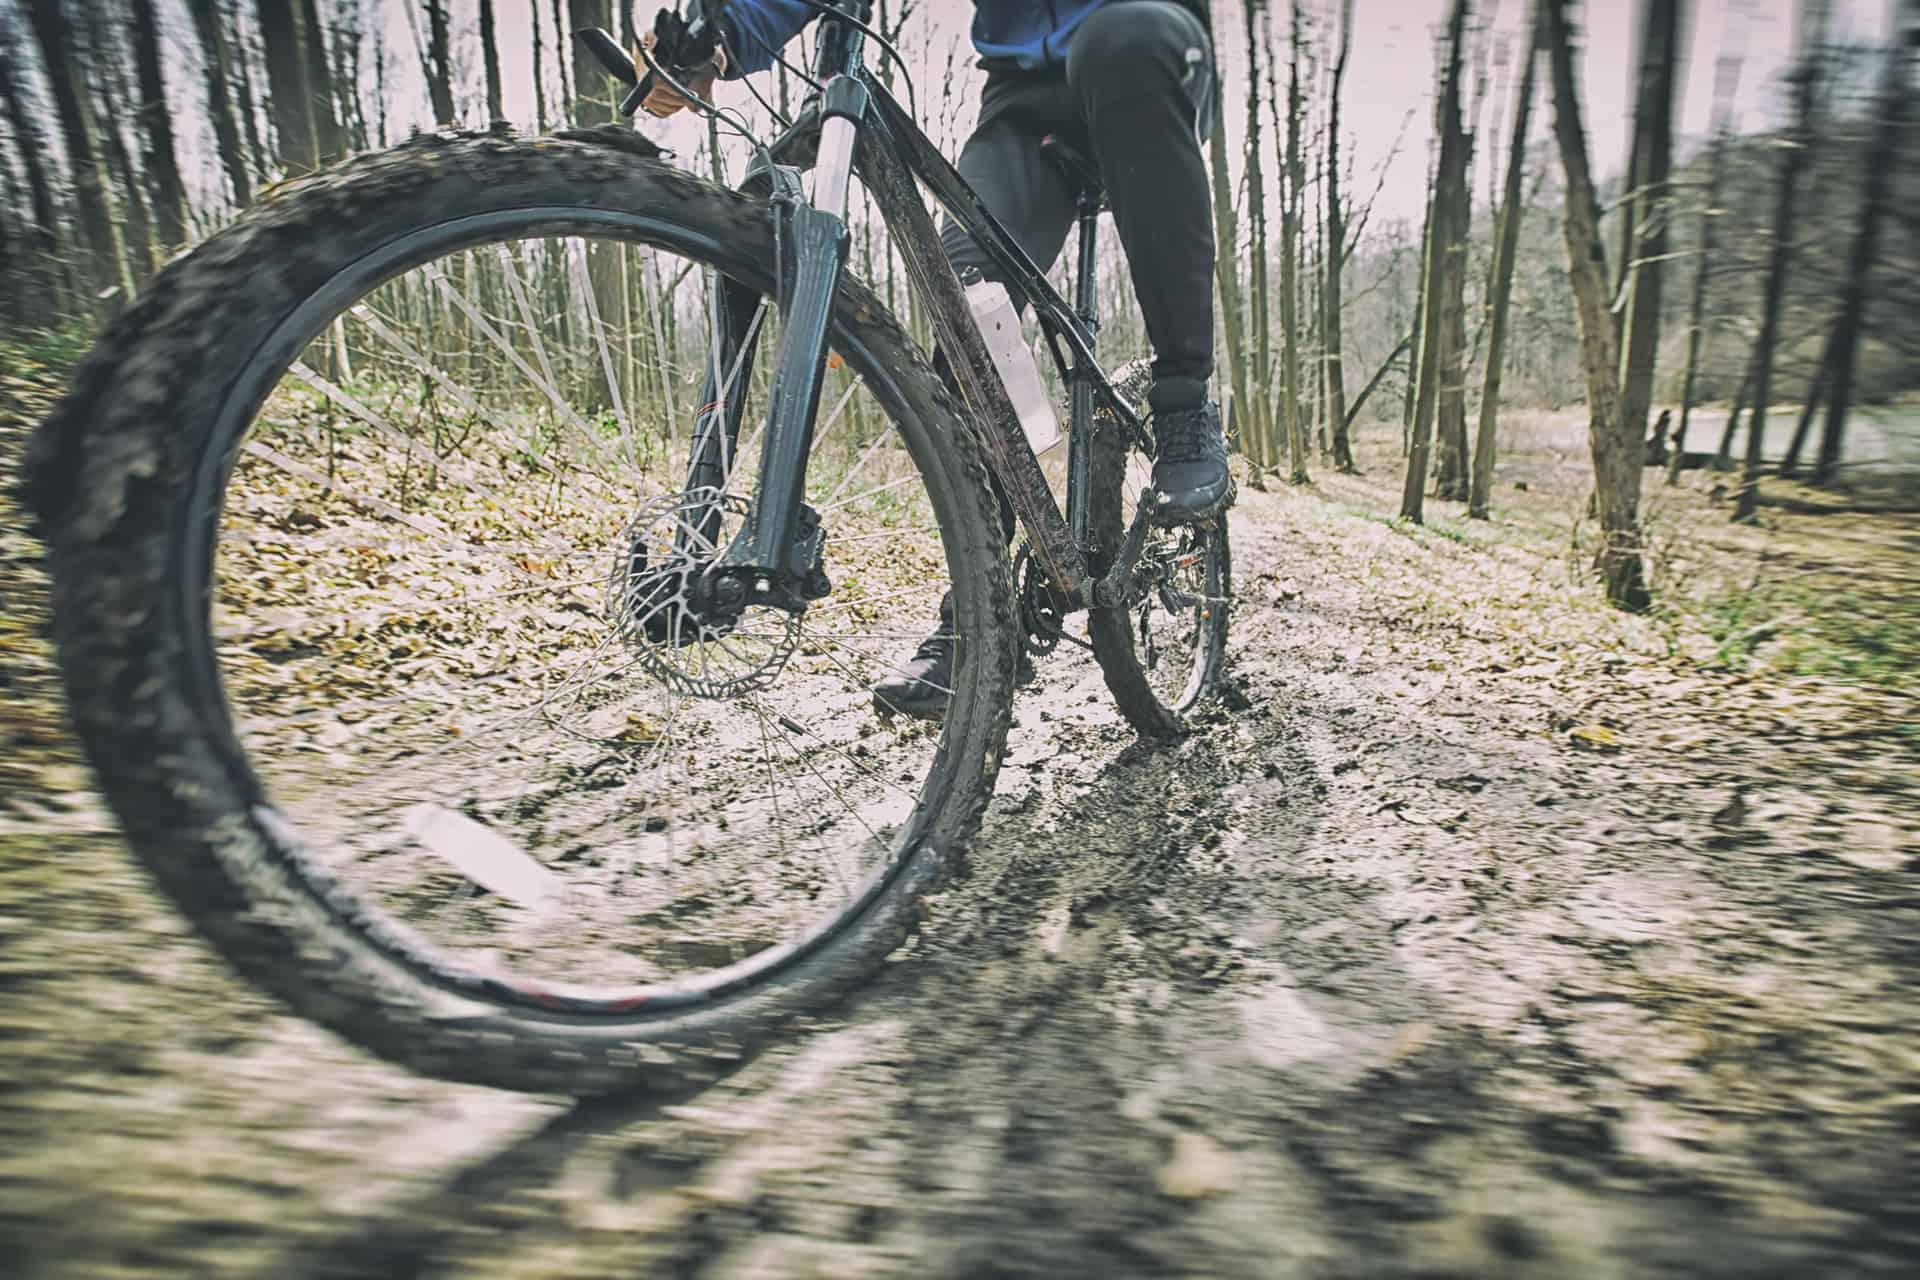 rengjøre sykkelen